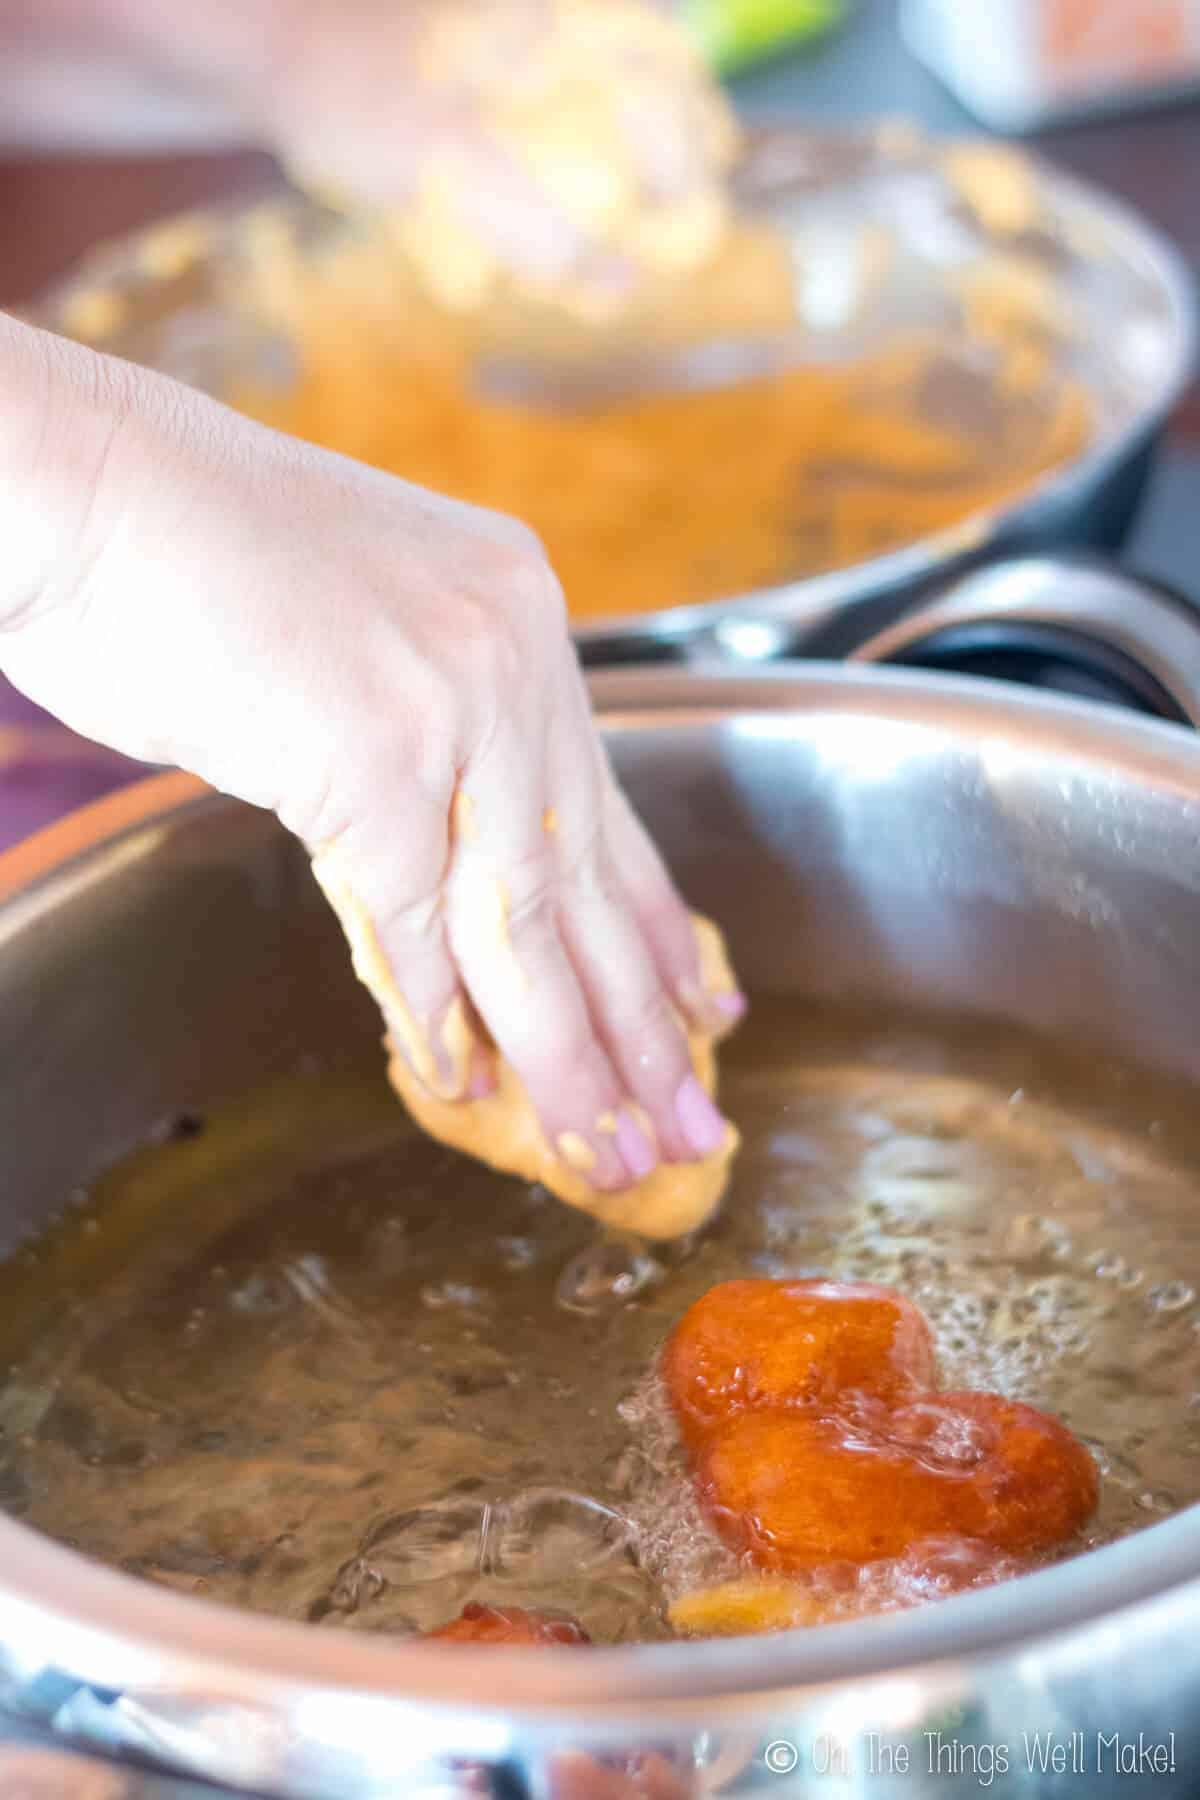 Adding pumpkin fritter batter to hot oil